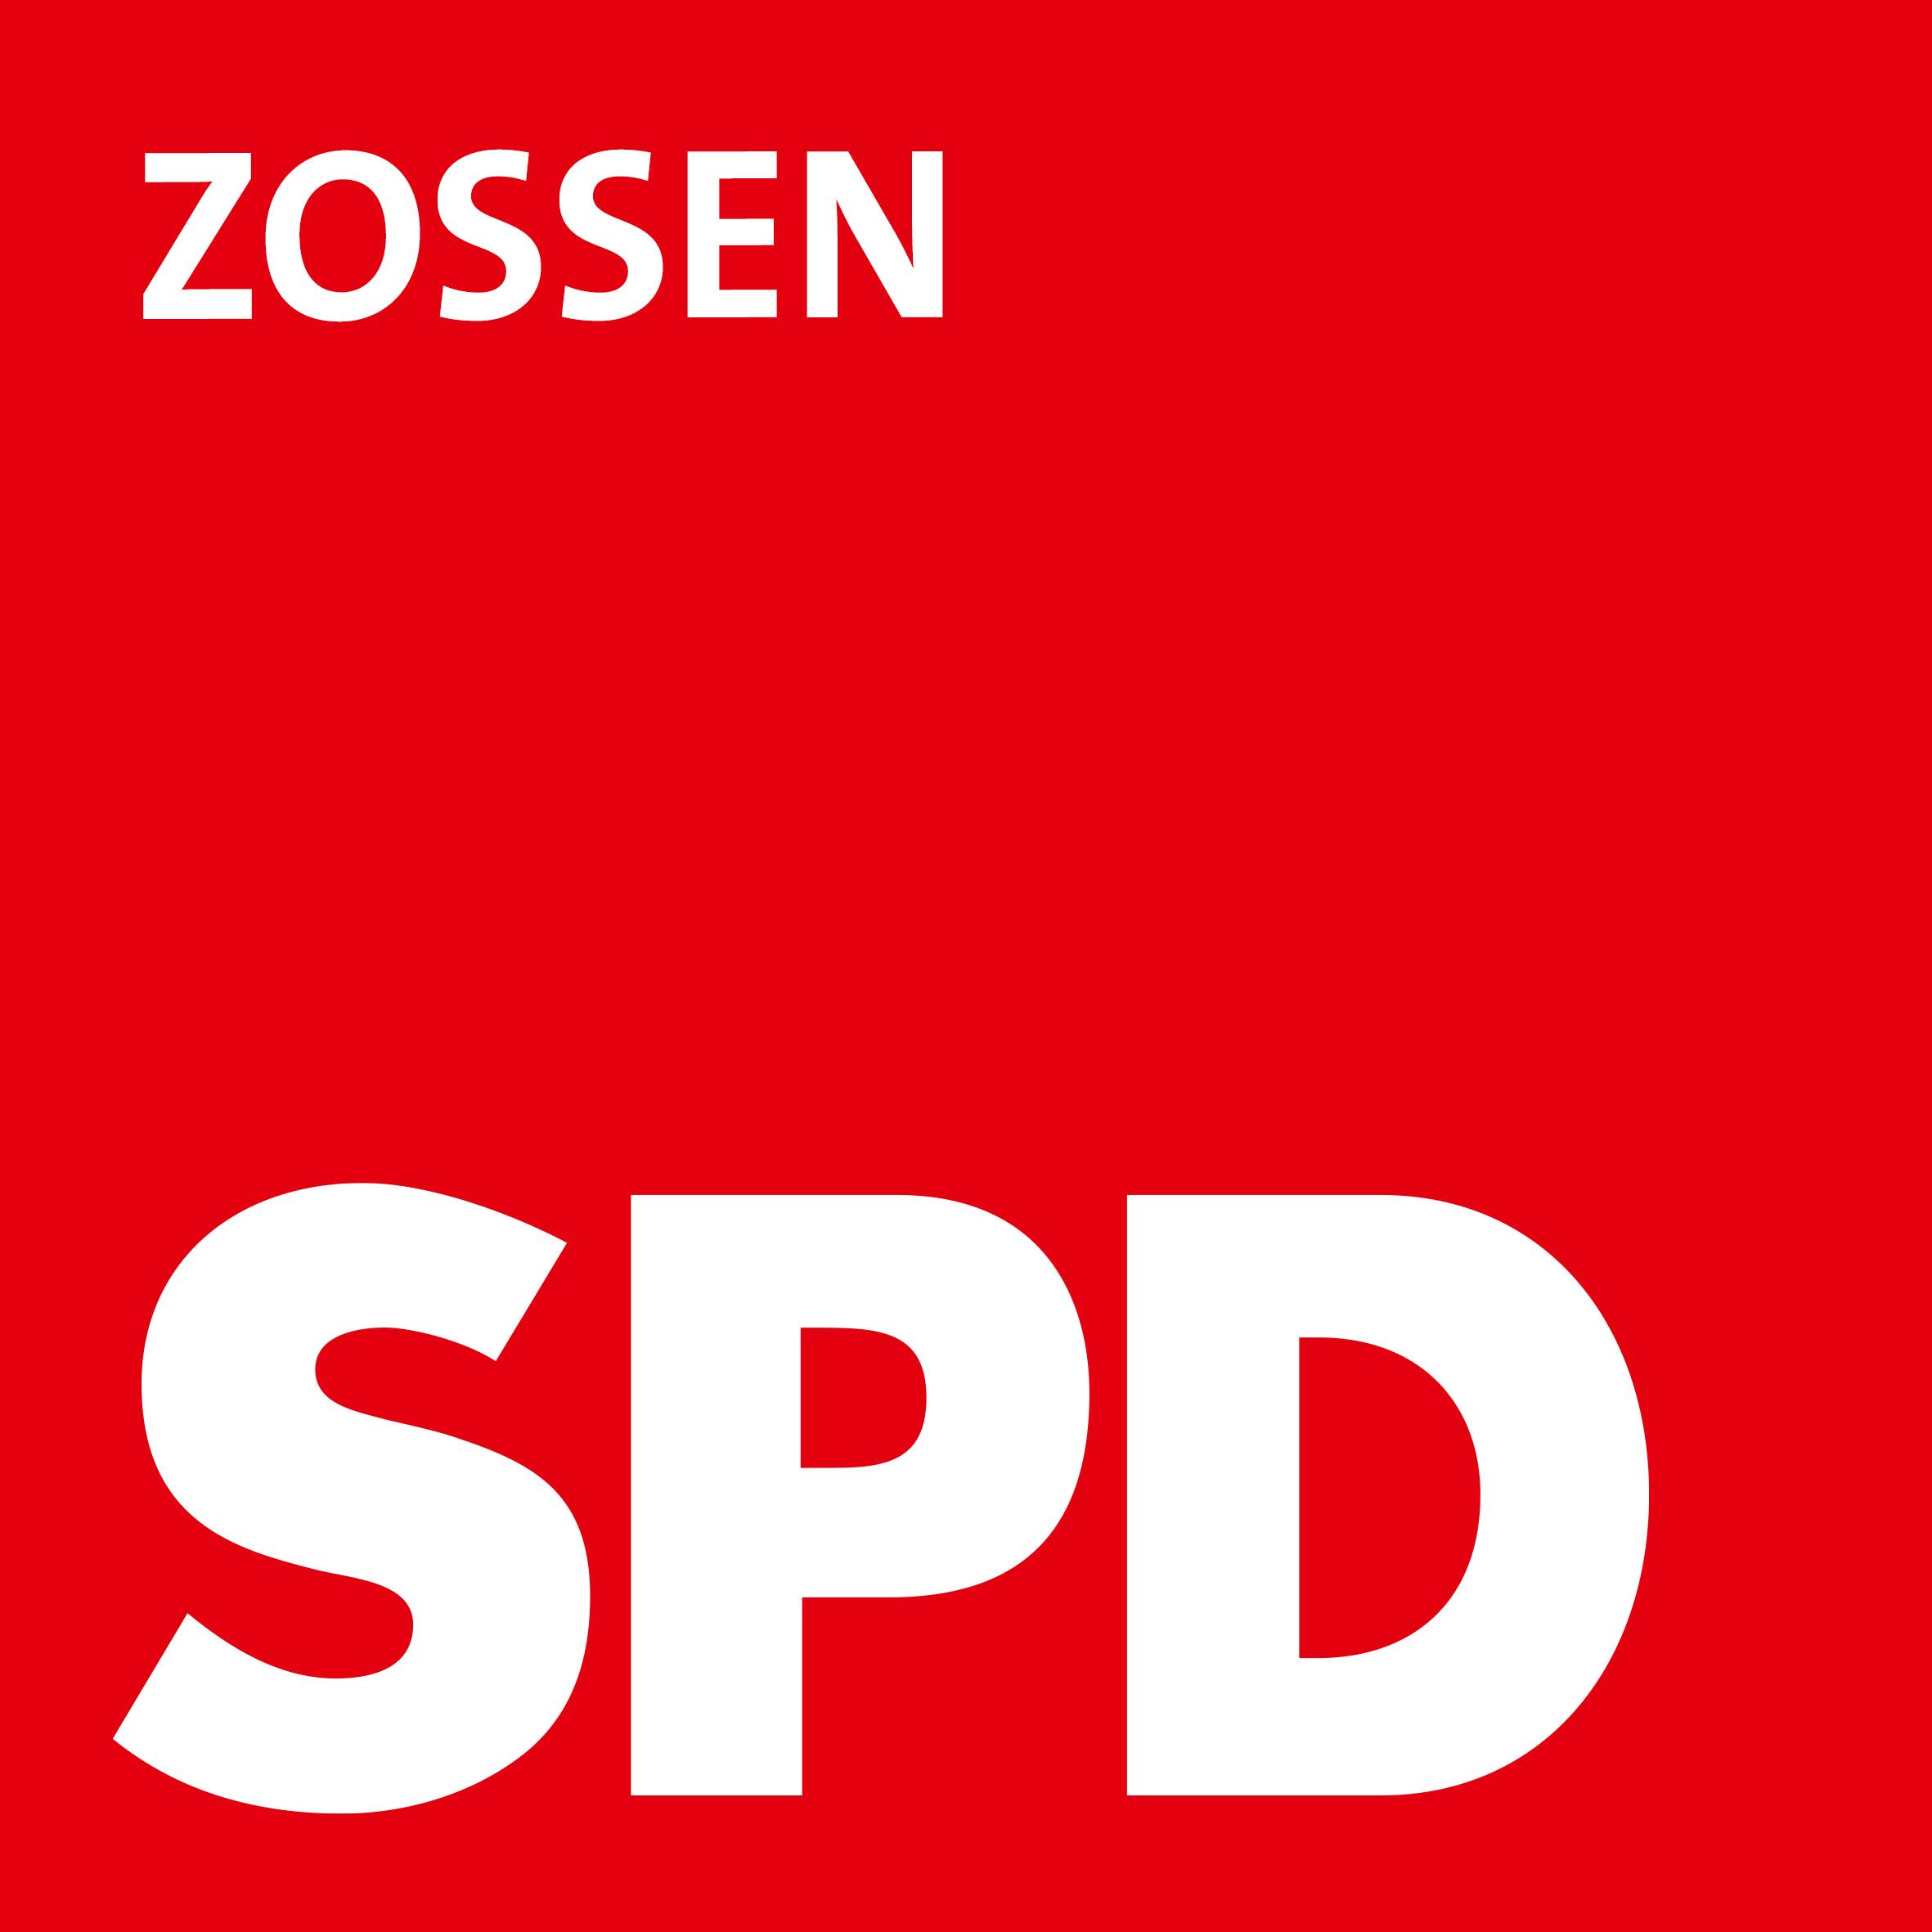 SPD Zossen